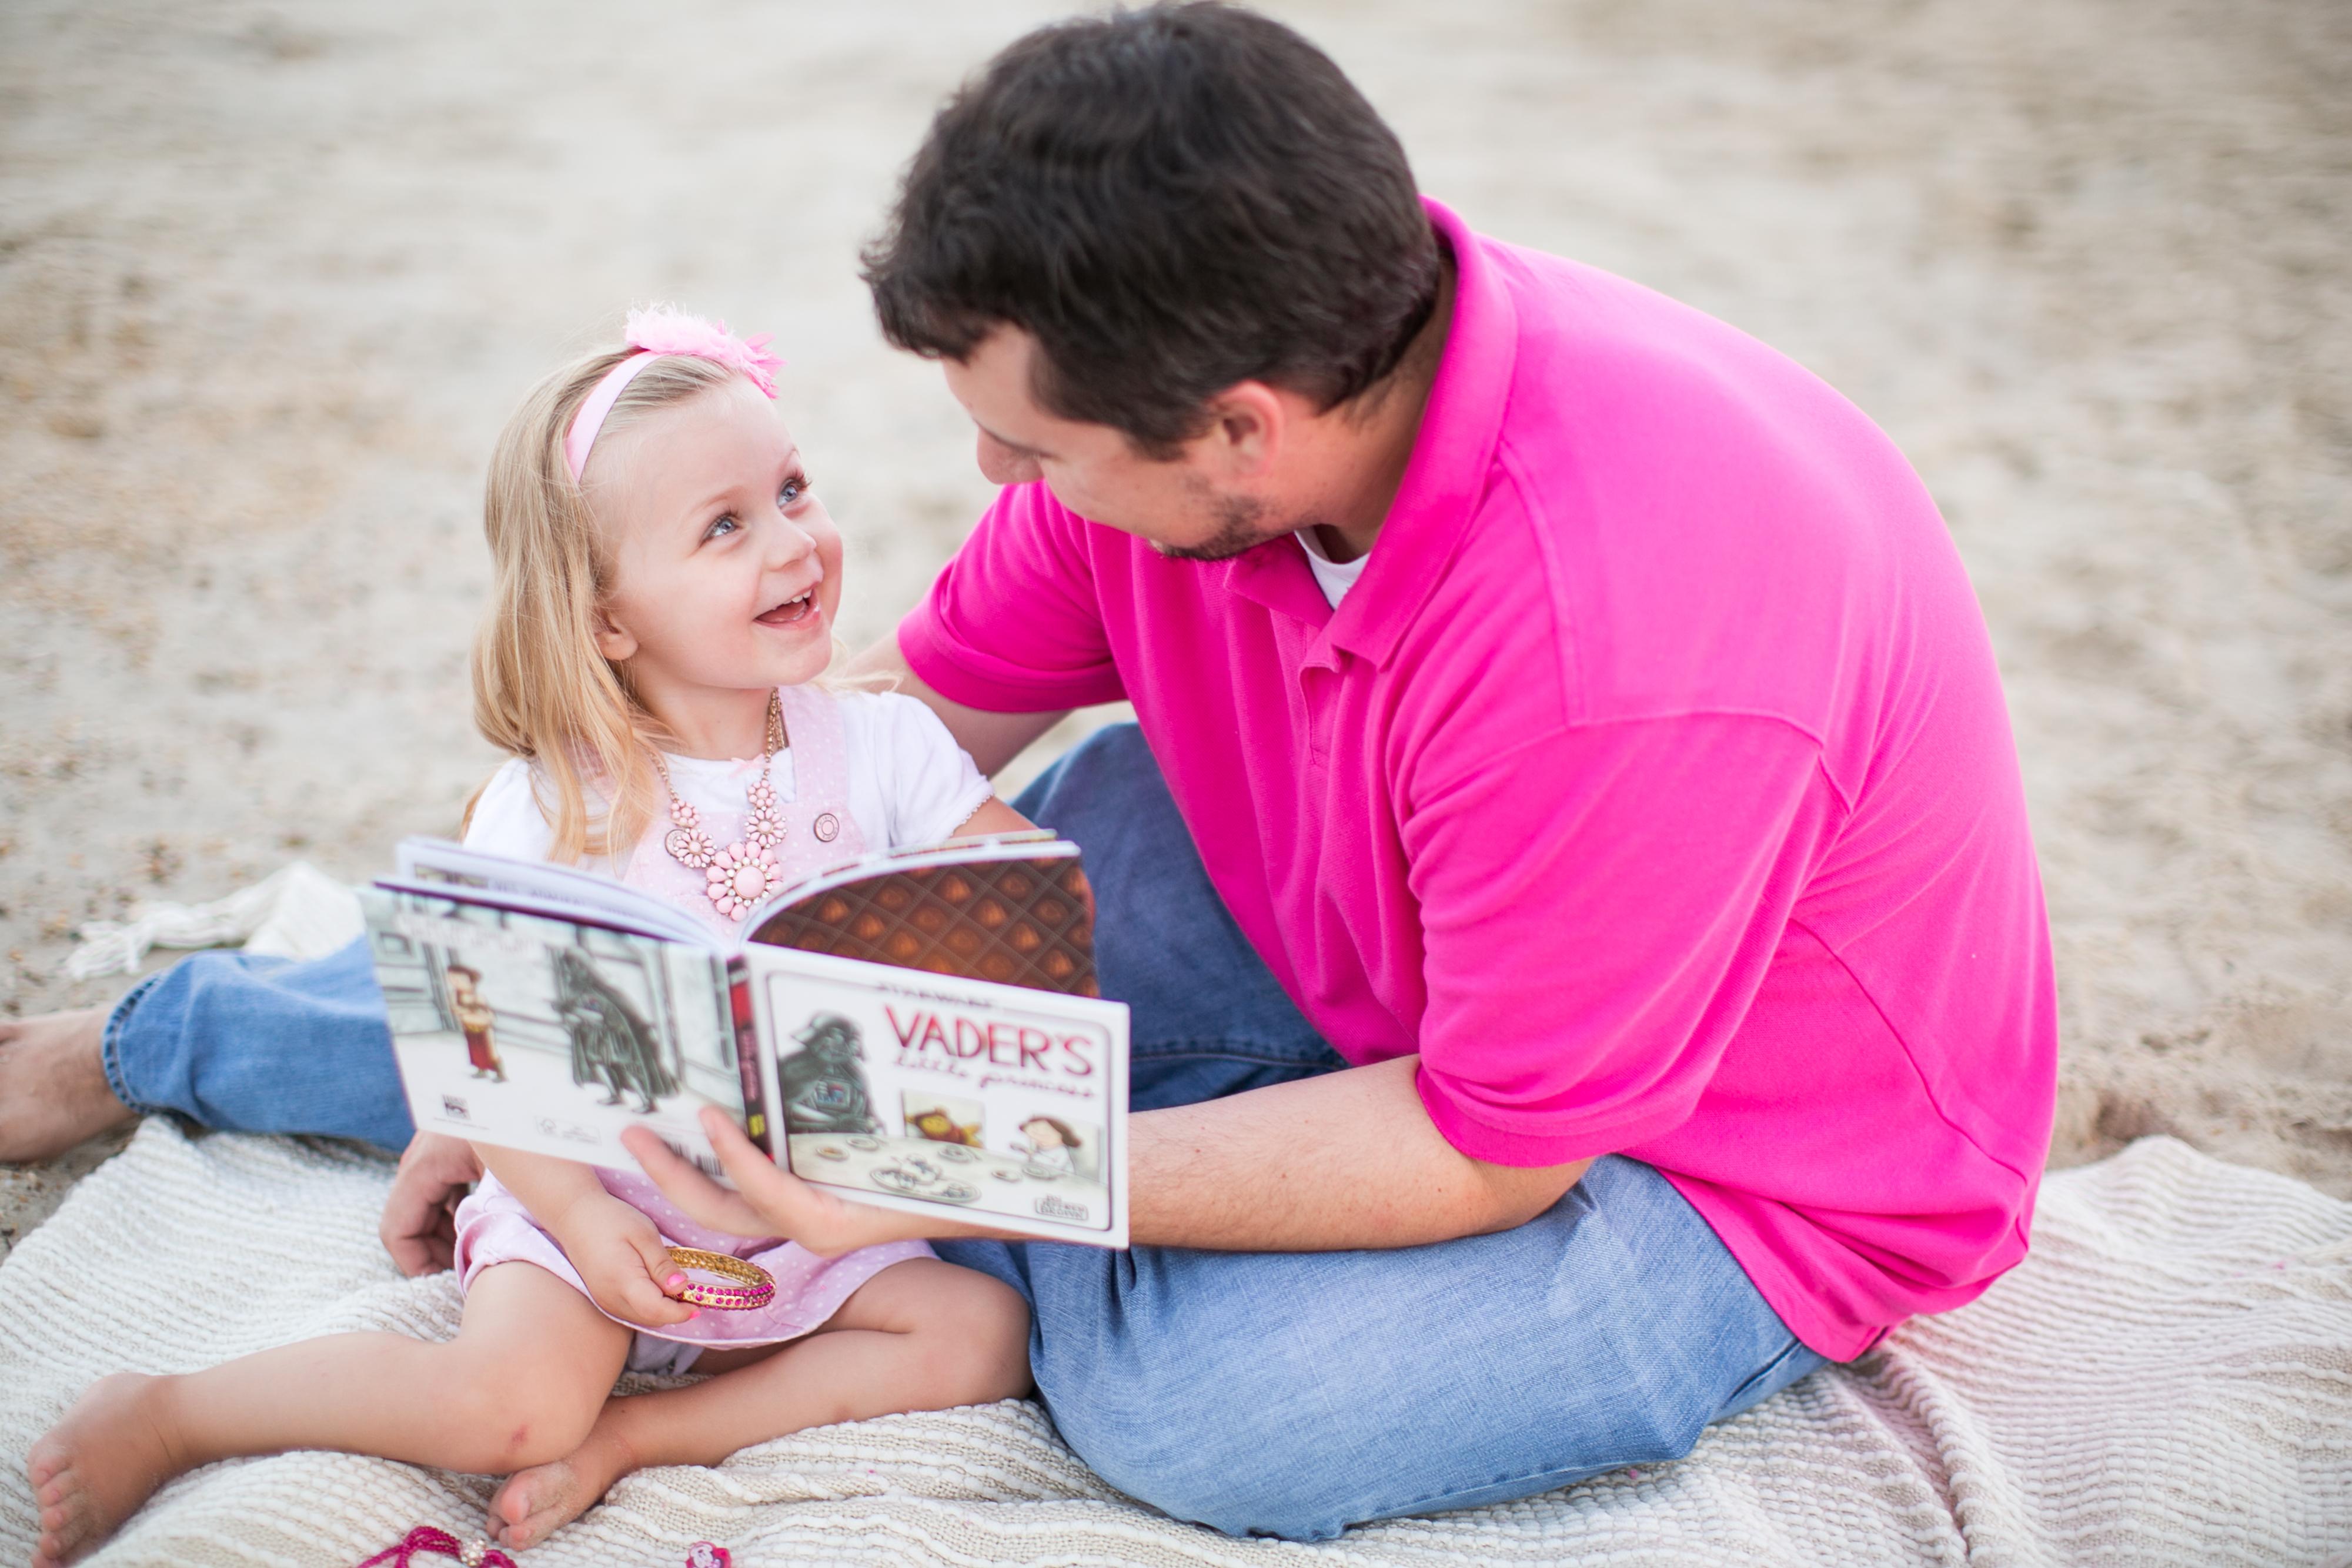 Читать на даче с дочкой, У подруги на даче » Эротические порно рассказы и секс 7 фотография